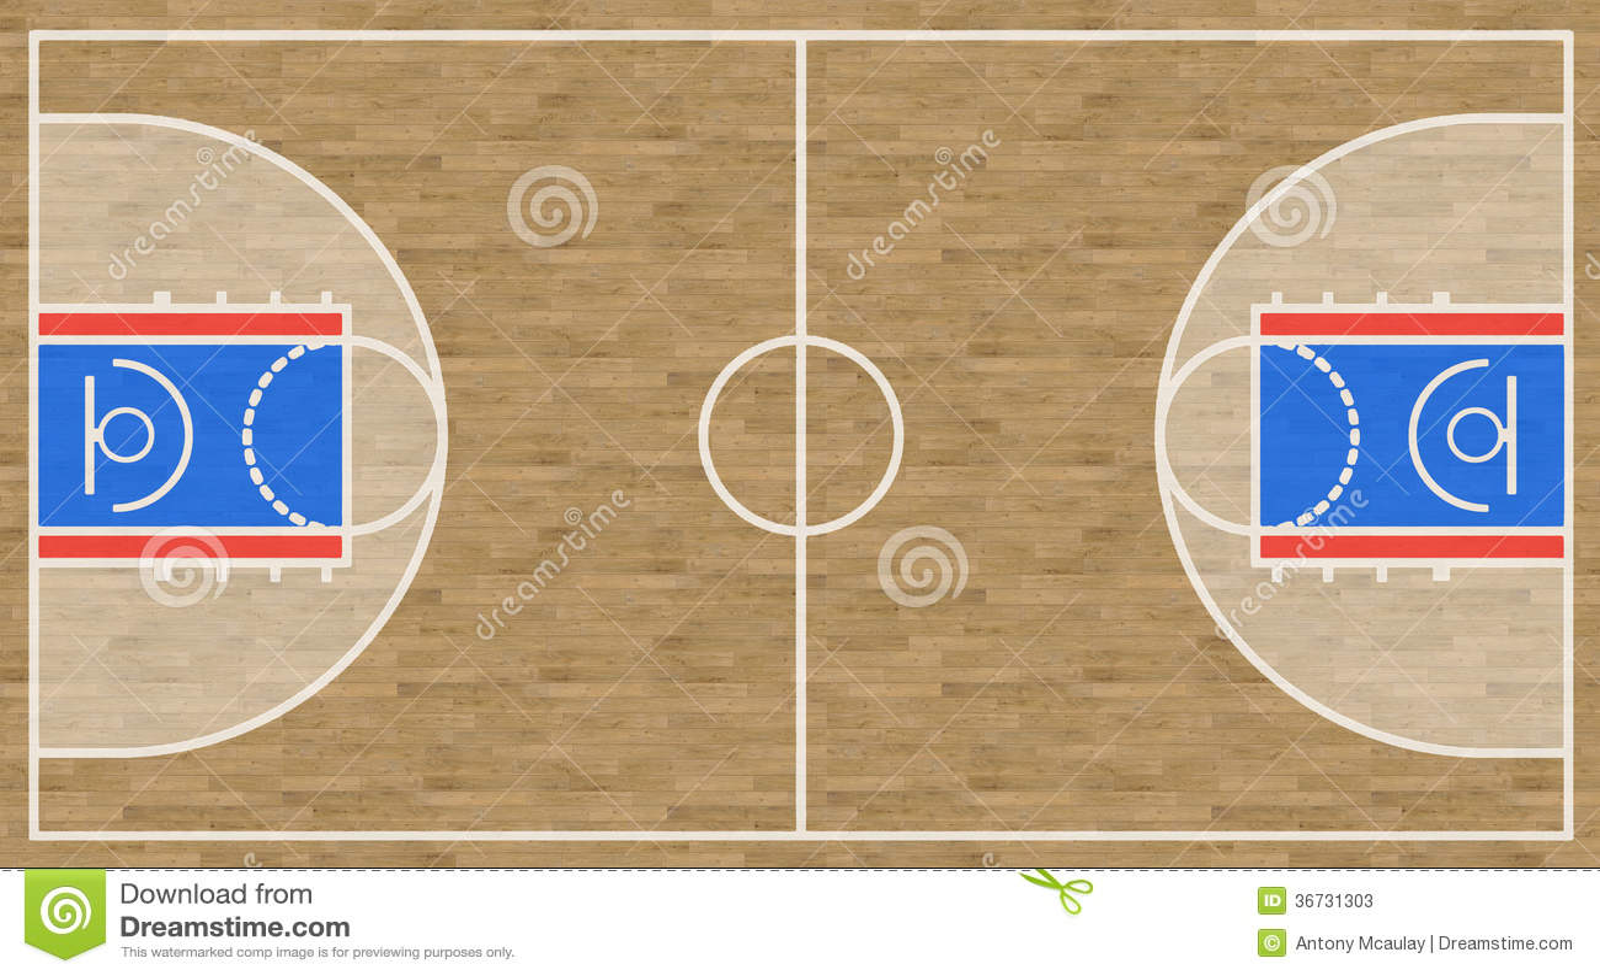 Cancha de básquet